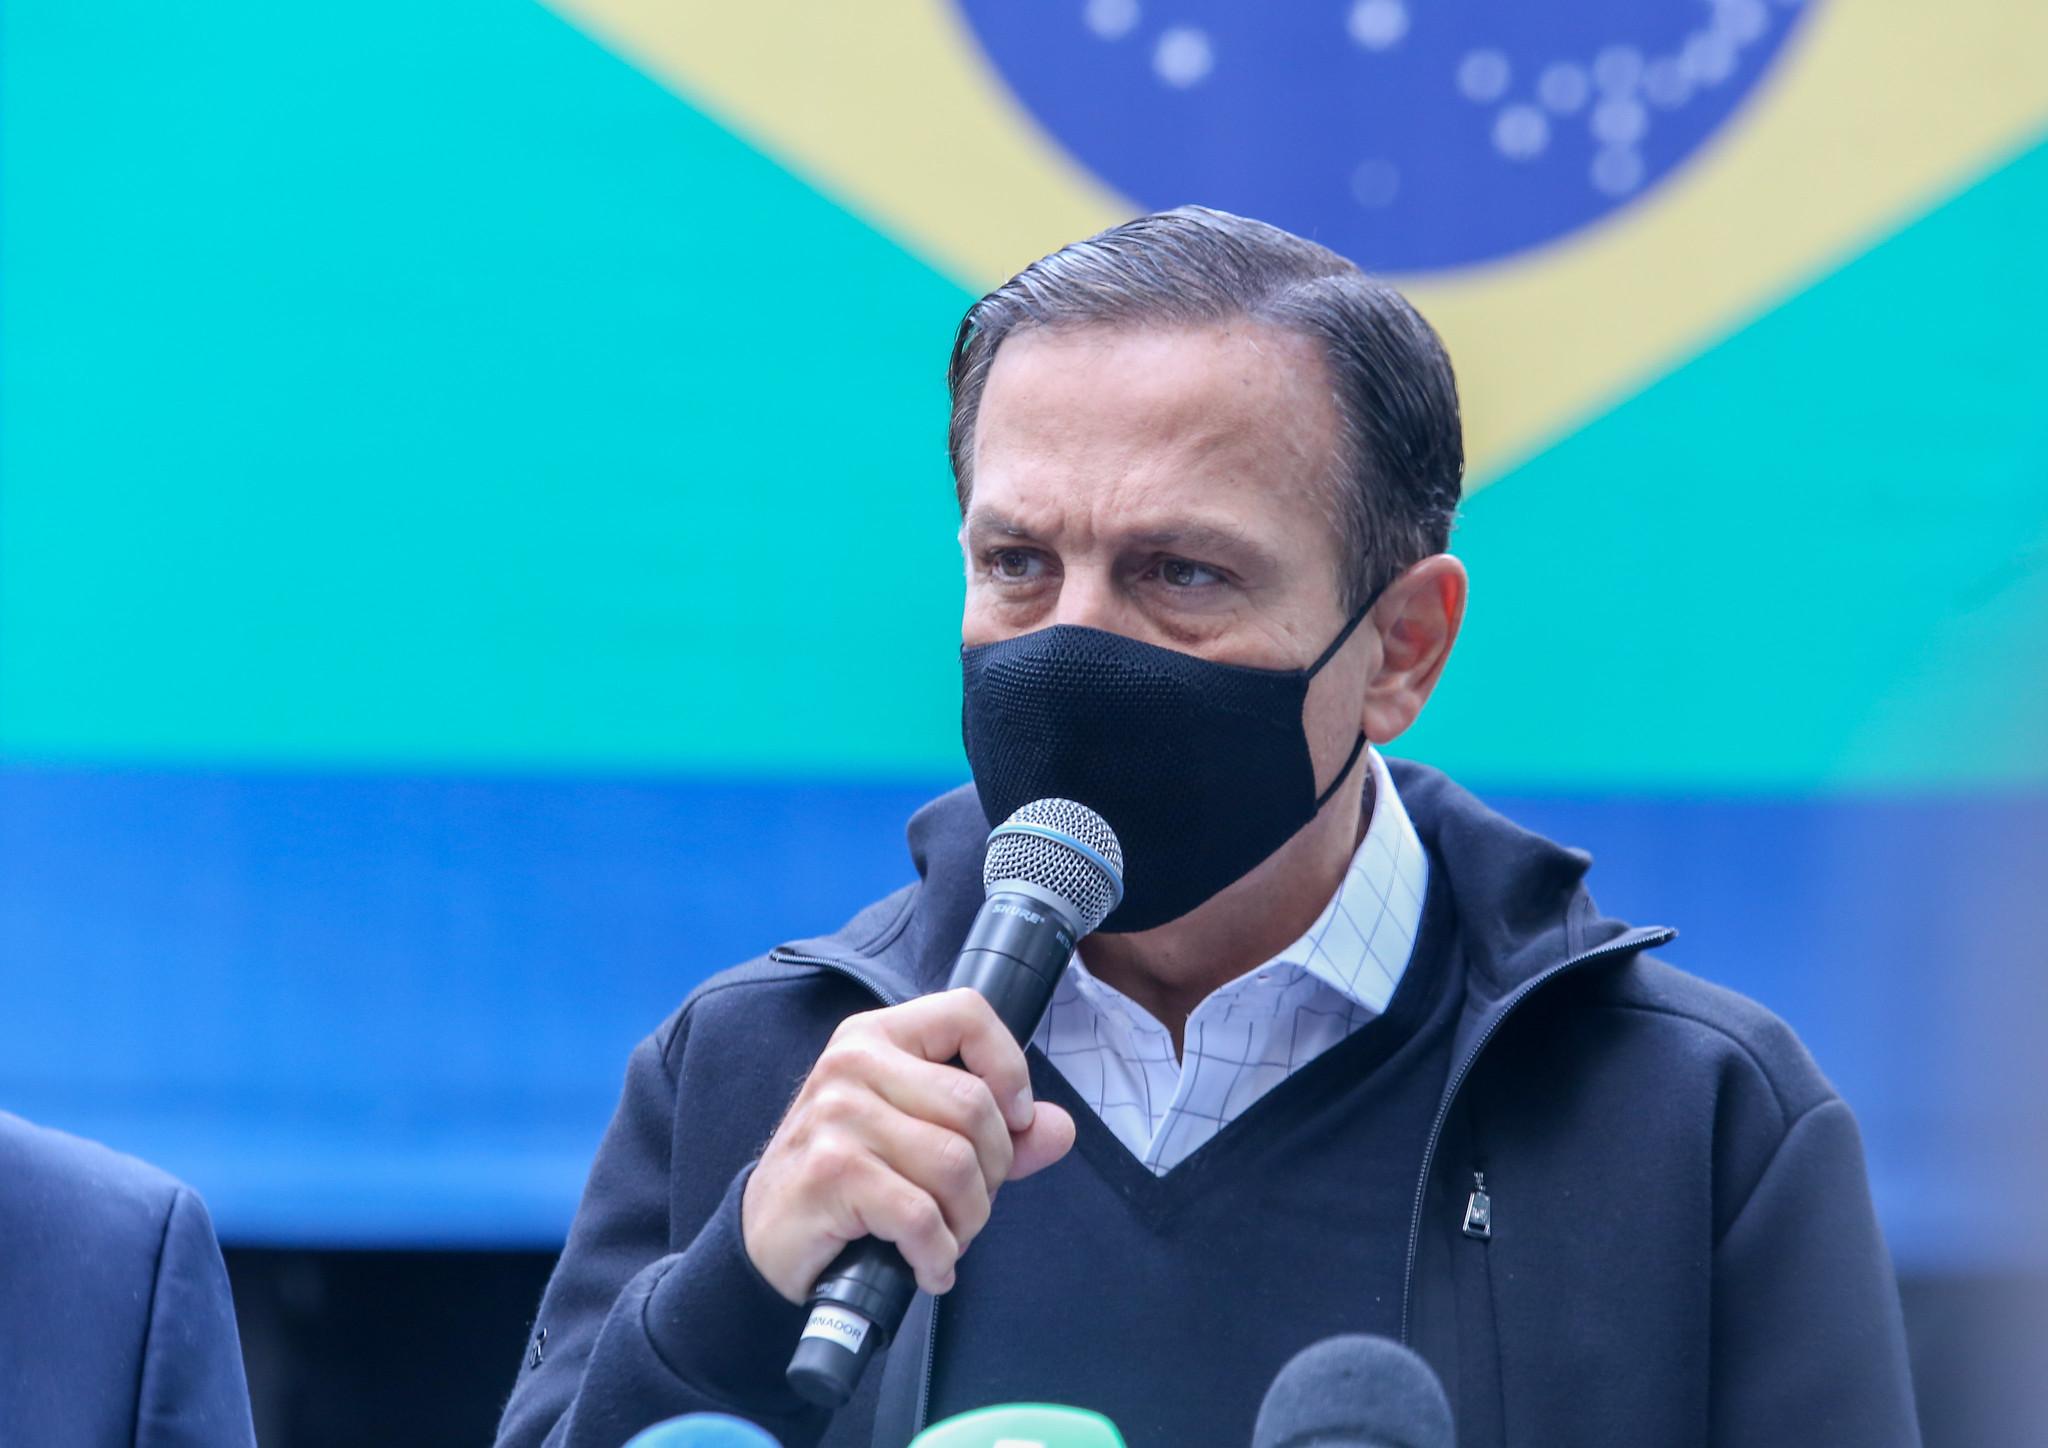 IMAGEM: Doria confirma que quer ser candidato do PSDB ao Planalto em 2022